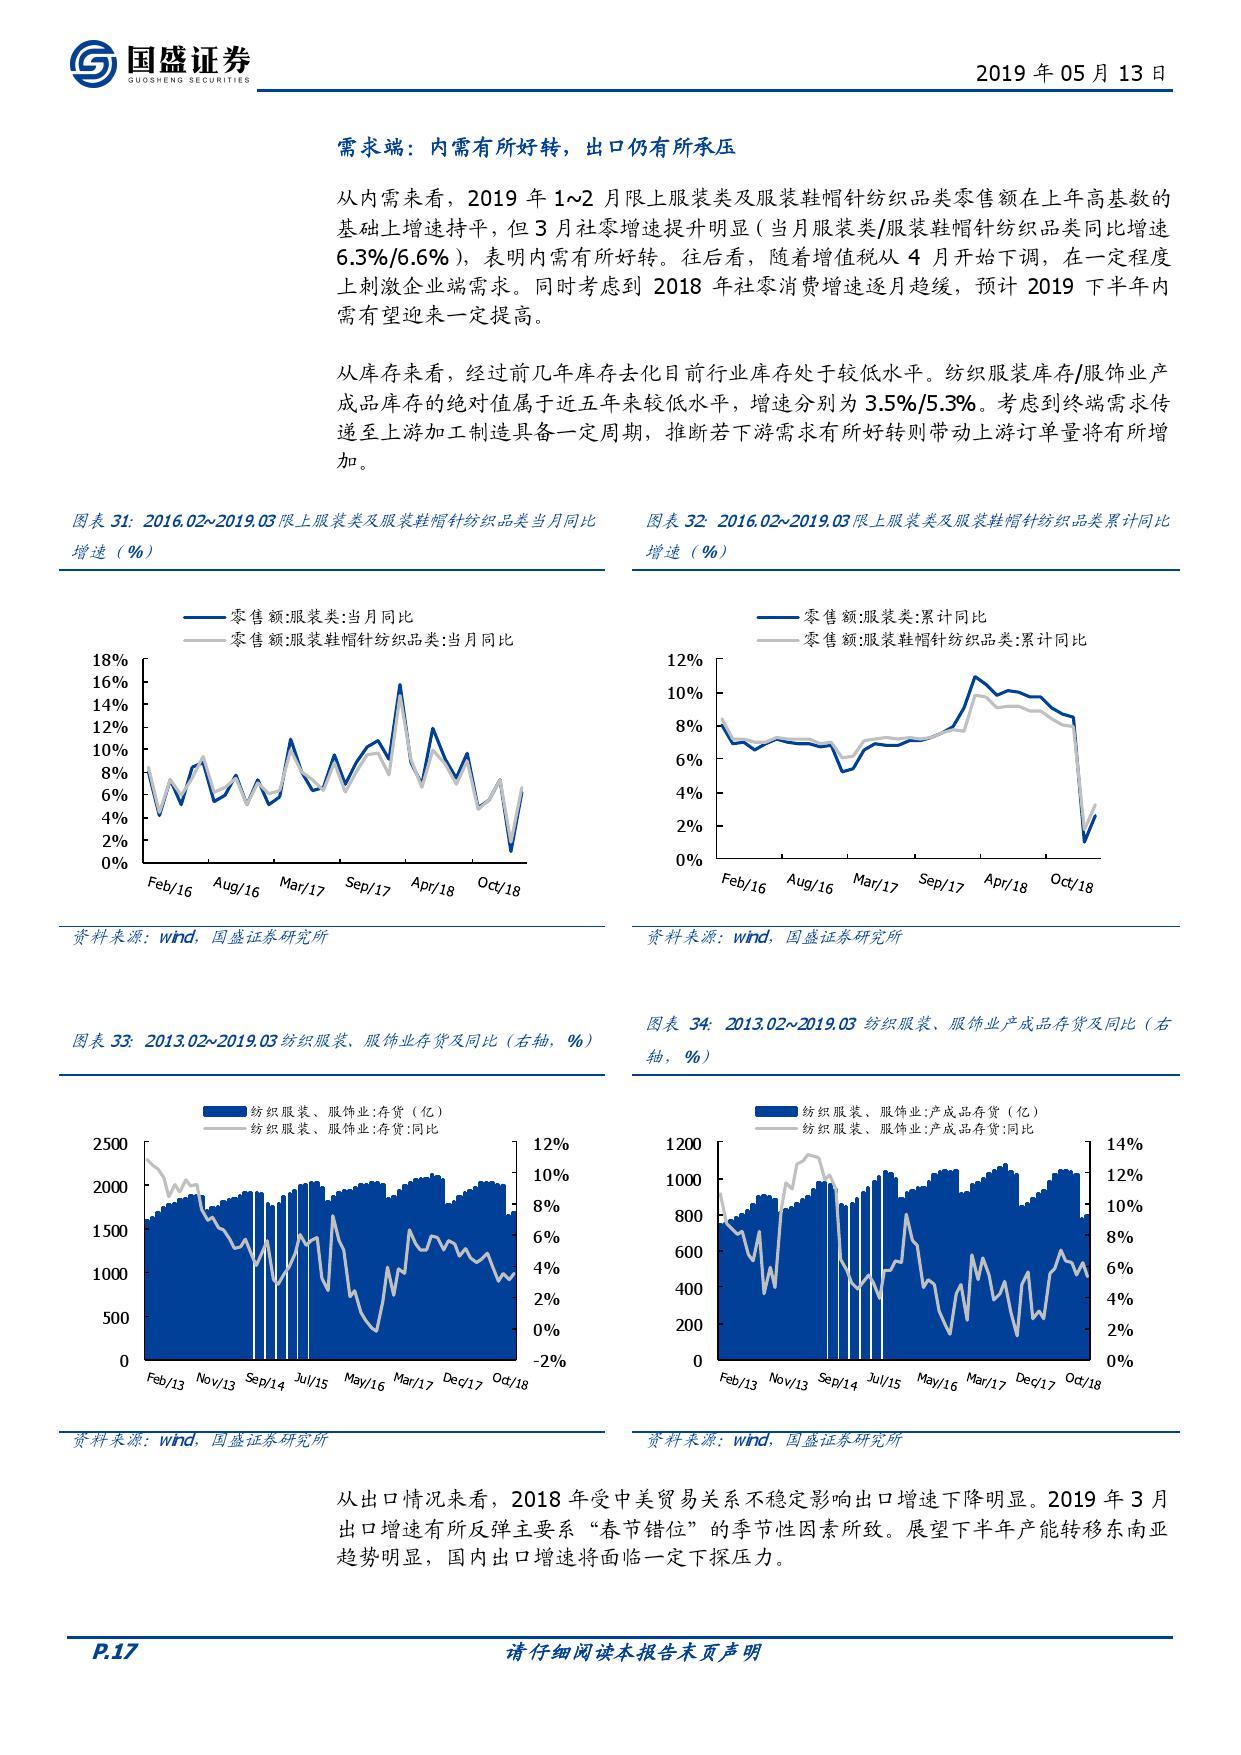 国盛证券:2019时尚消费中期策略(199it)